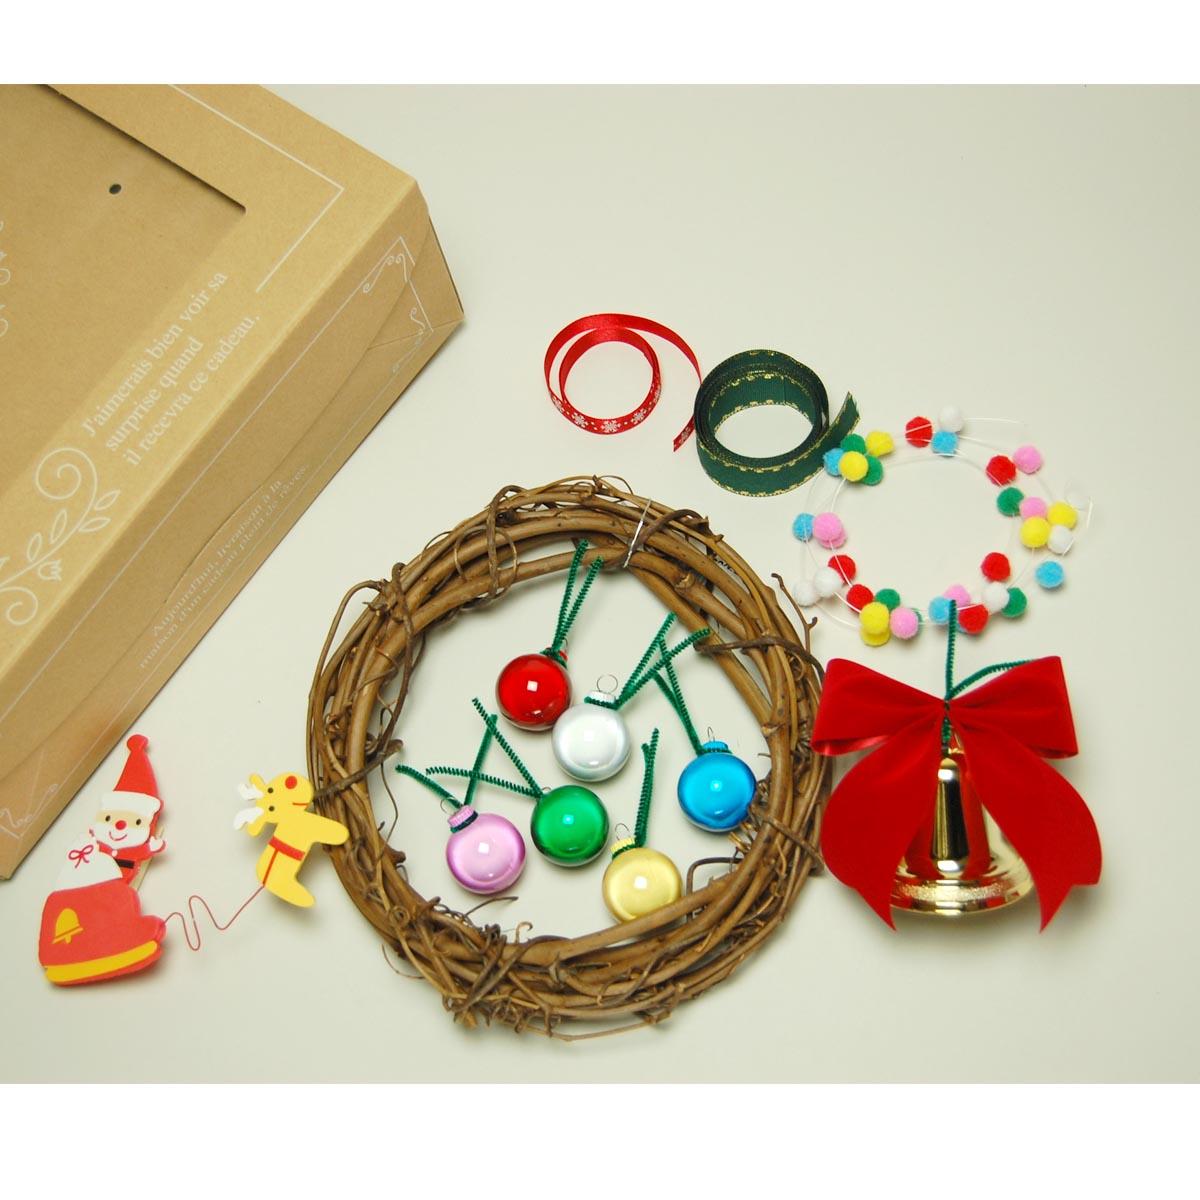 クリスマスリース 製作キット【クリスマス】14